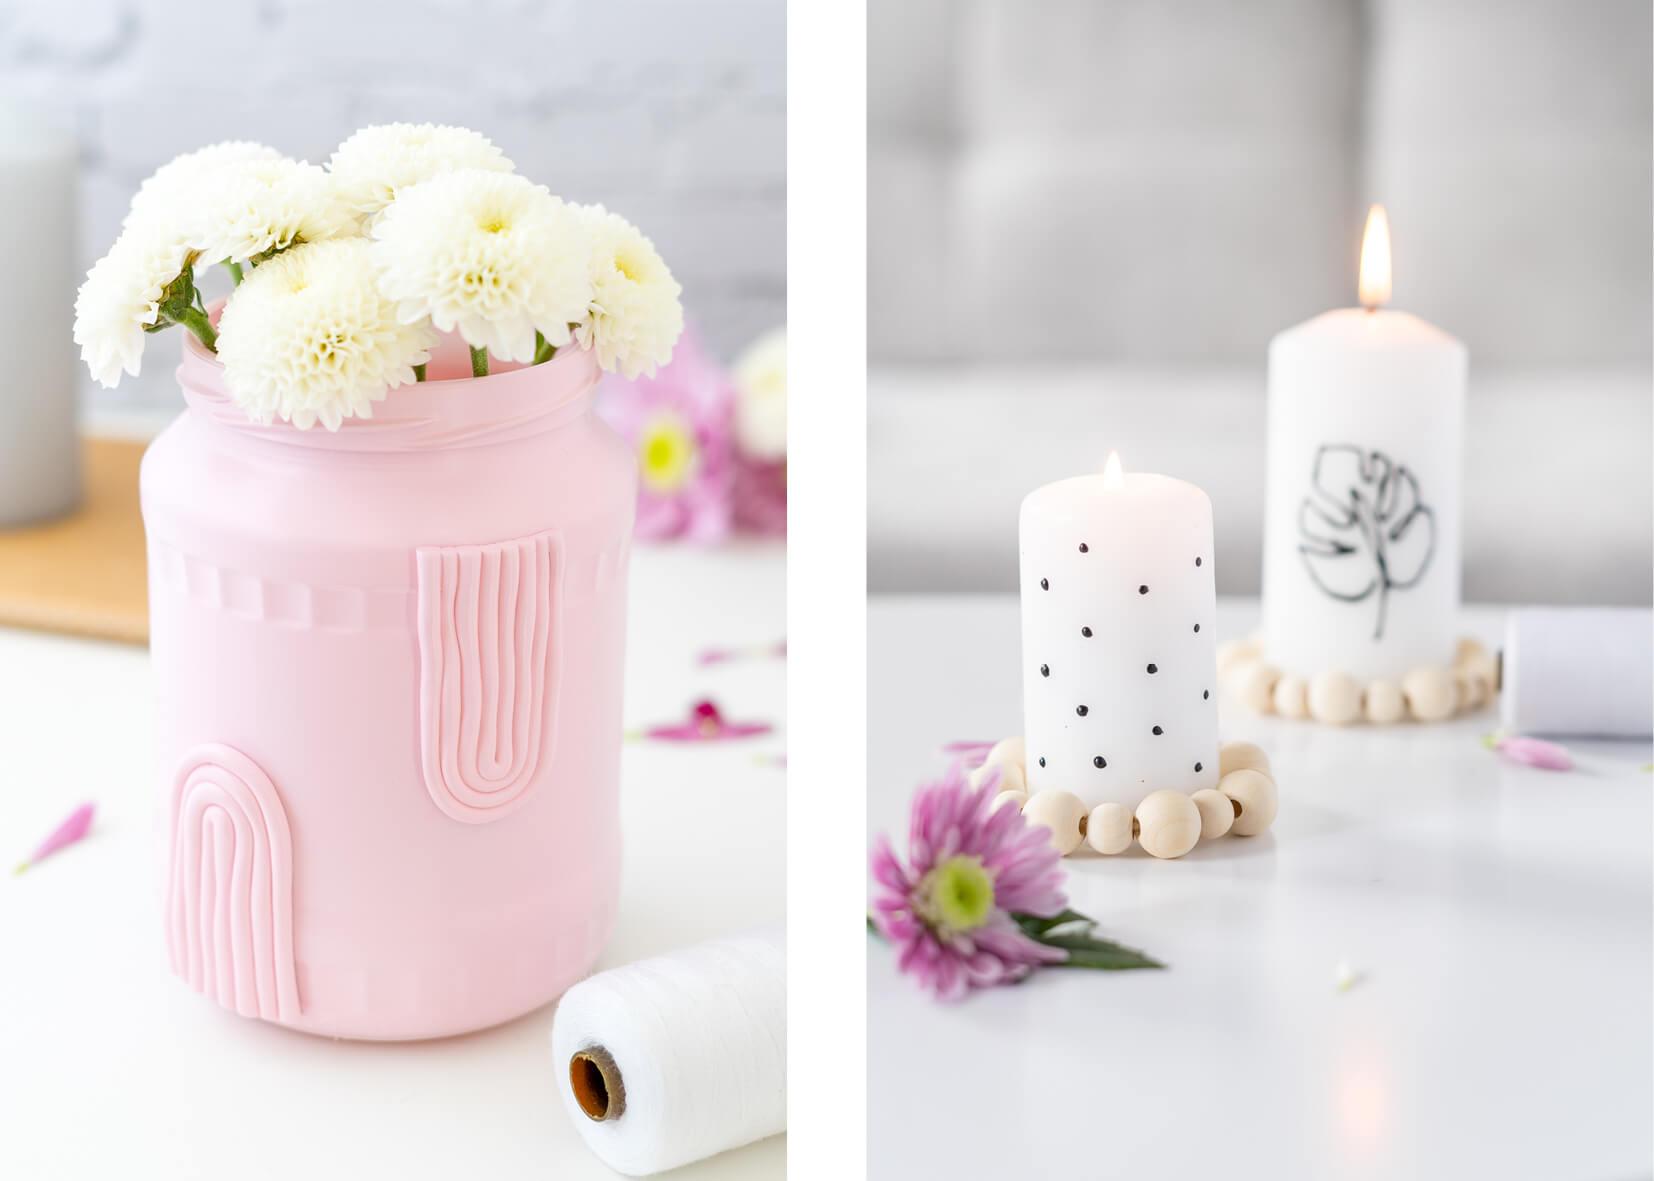 Kerze mit Kerzenliner bemalt. Eine Kerze mit Punkten und eine Kerze mit Lineart bemalt.